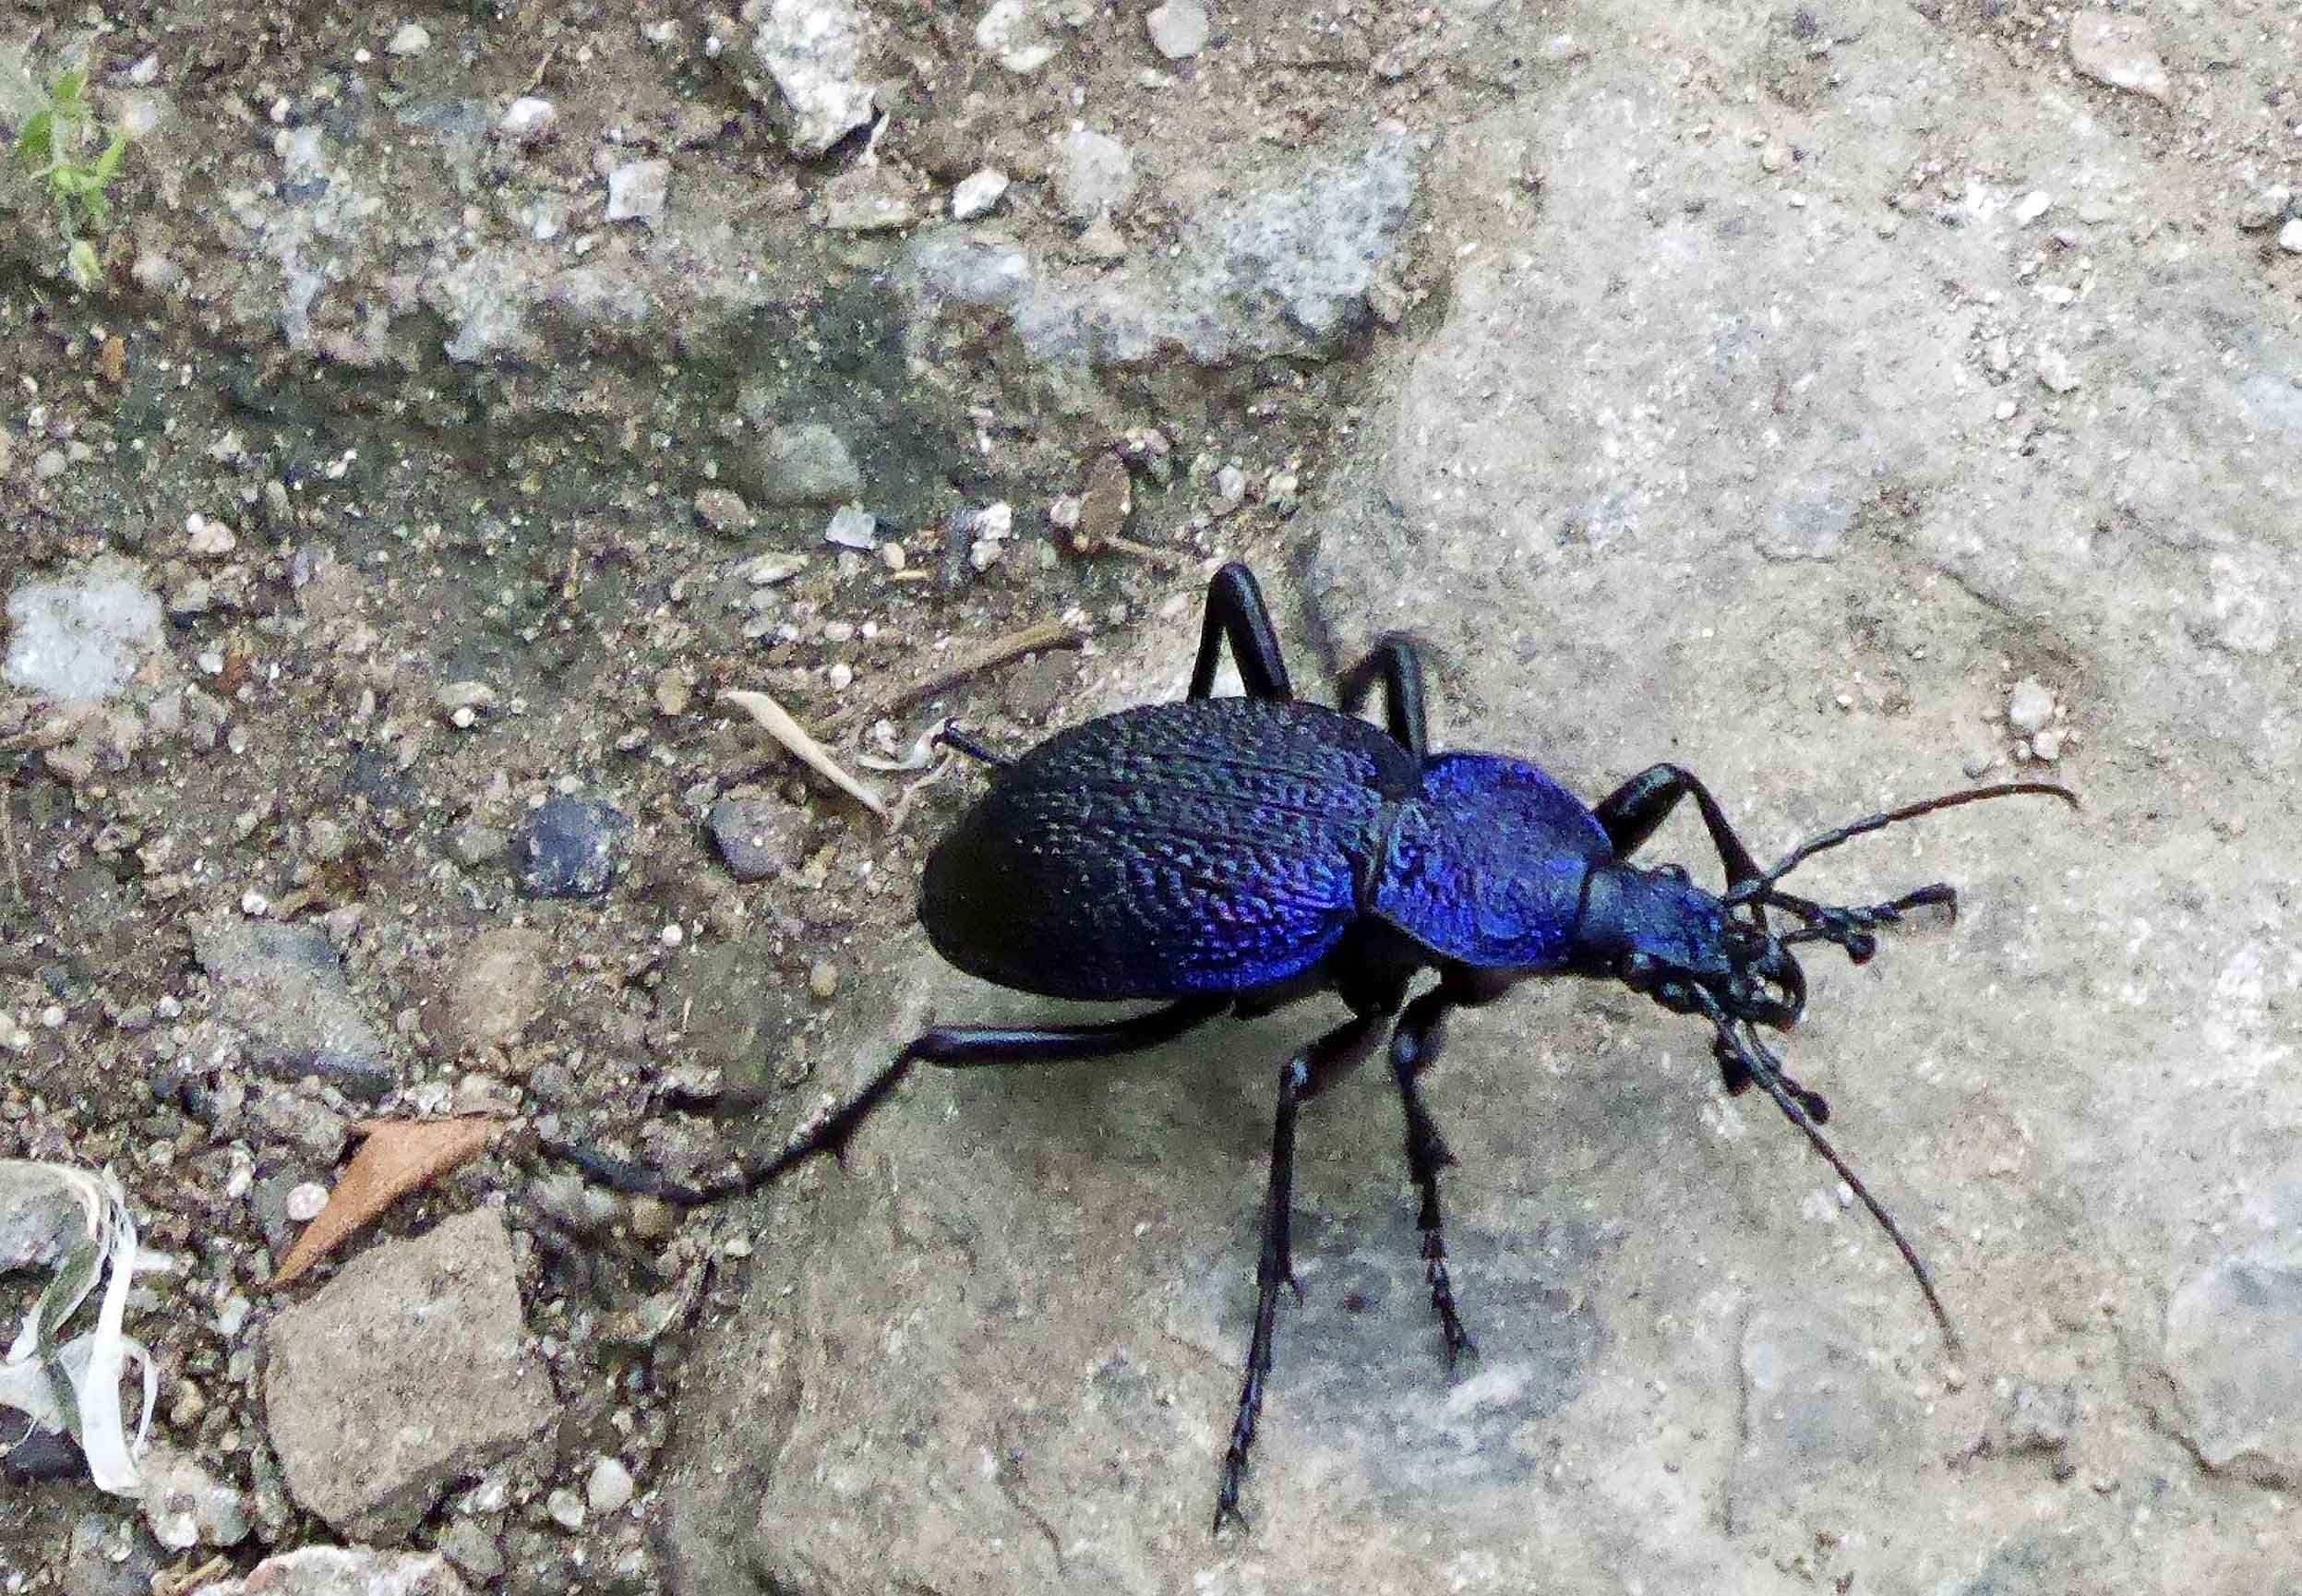 Large bright blue beetle on stony ground